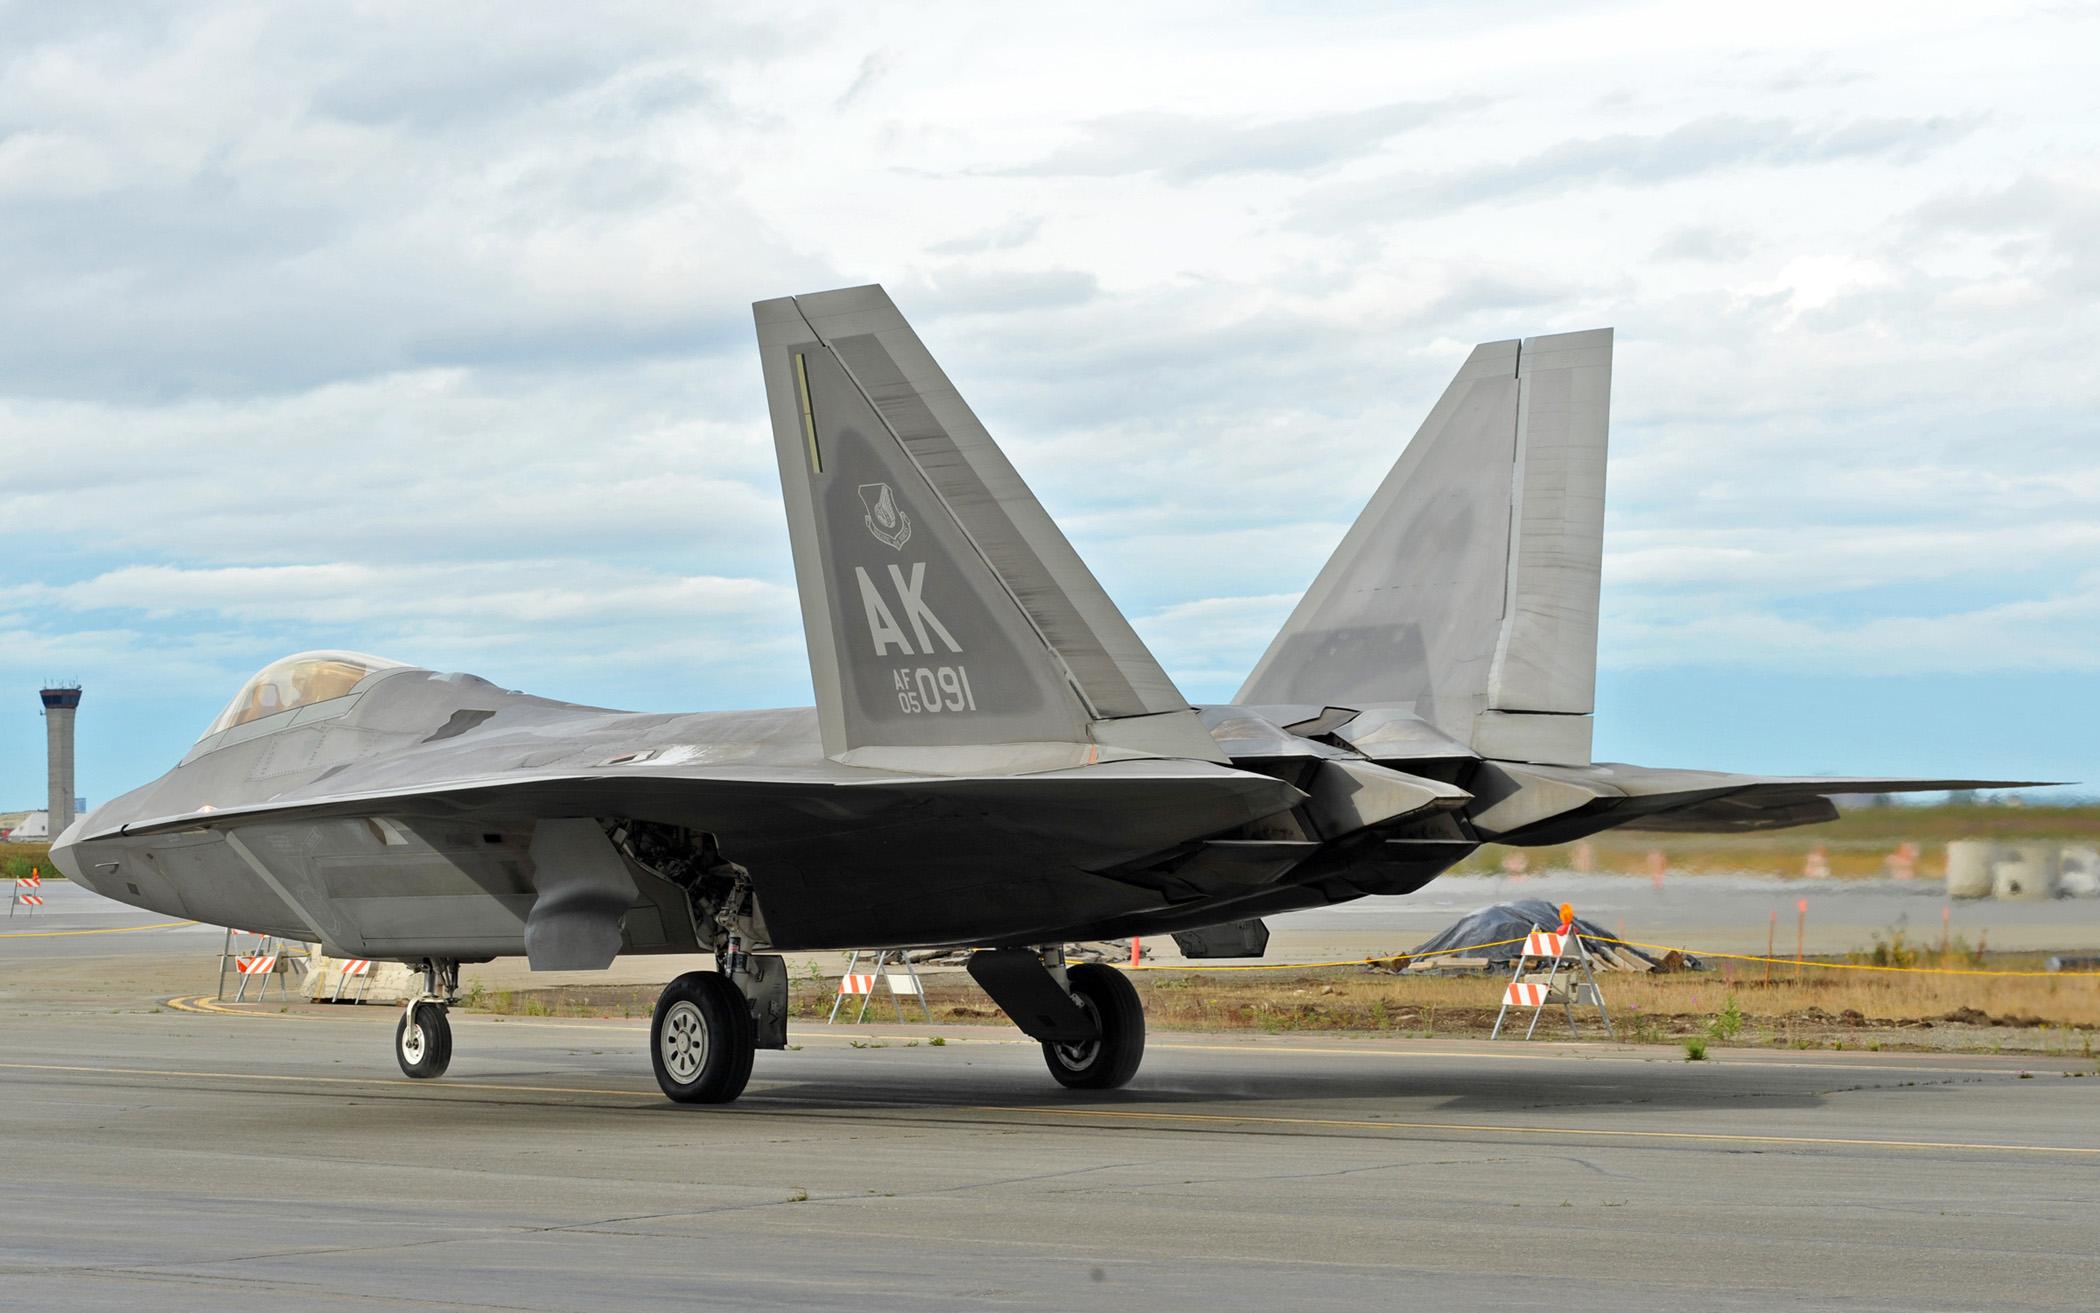 Air Force Bases Virginia Beach